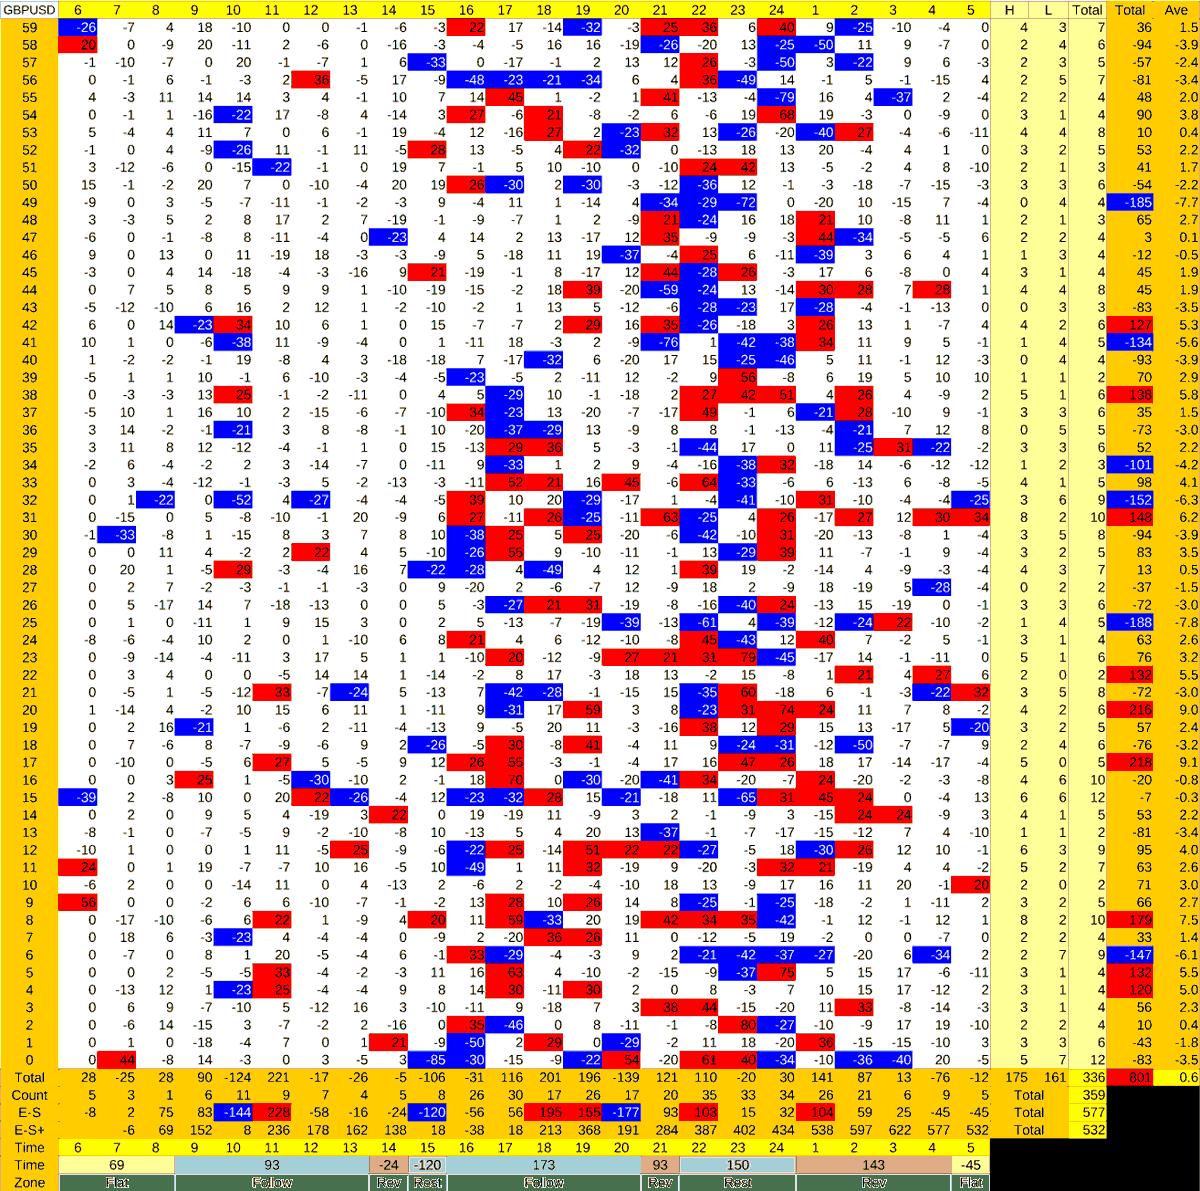 20210325_HS(2)GBPUSD-min